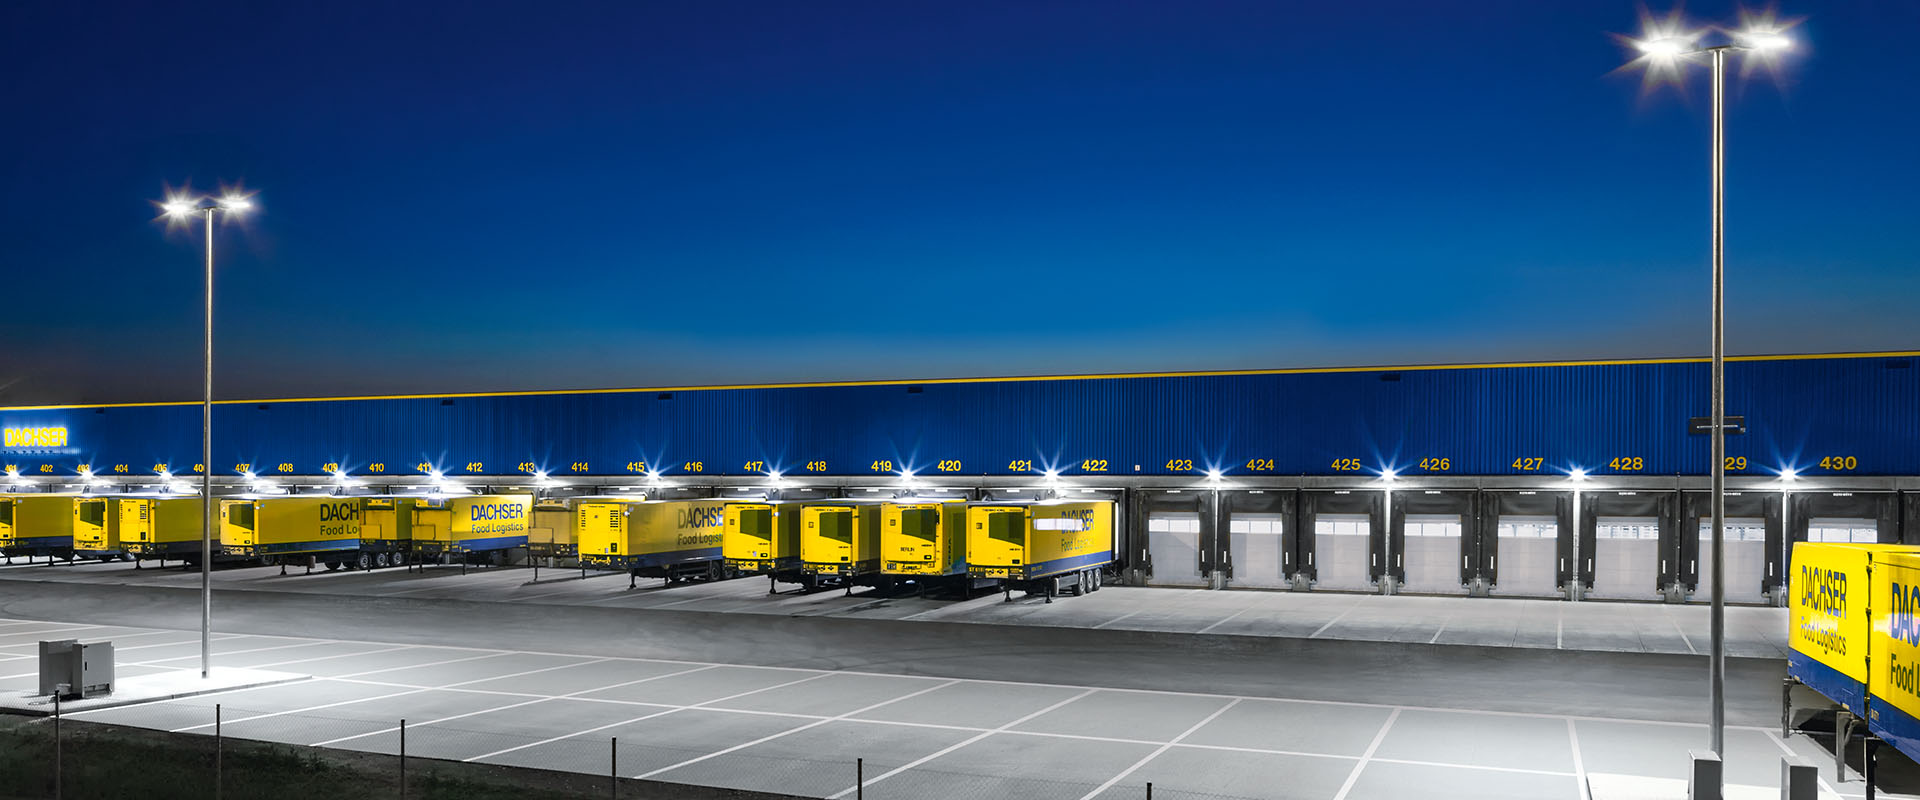 Parkings eclairage ext rieur application trilux for Eclairage parking exterieur